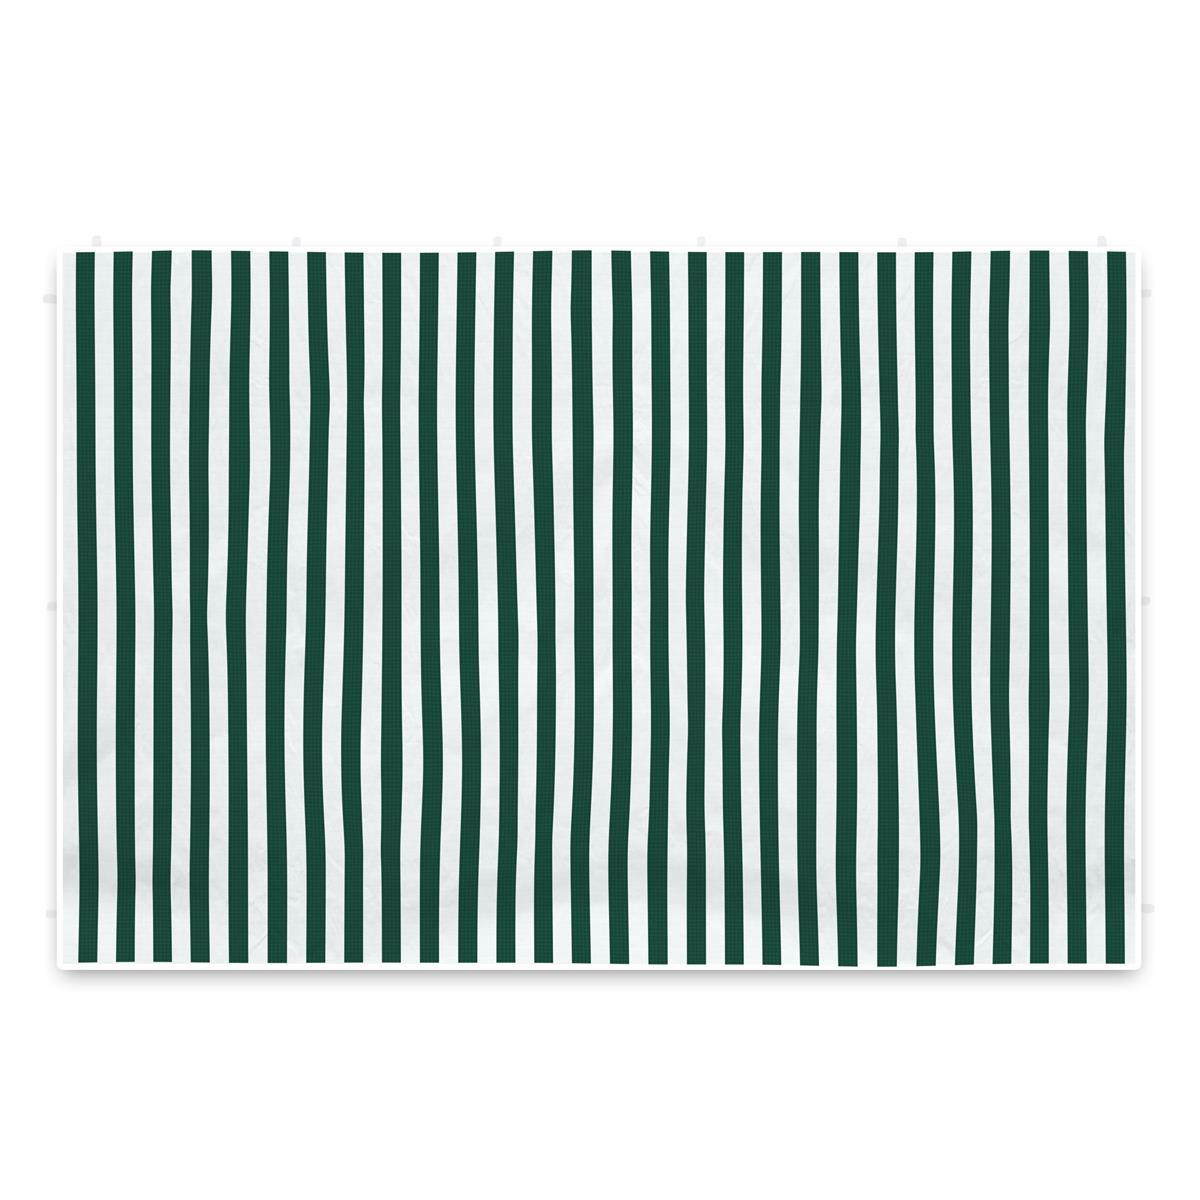 2 PE Seitenteile ohne Fenster 3m für Pavillon grün weiß 100 g/m² wasserdicht